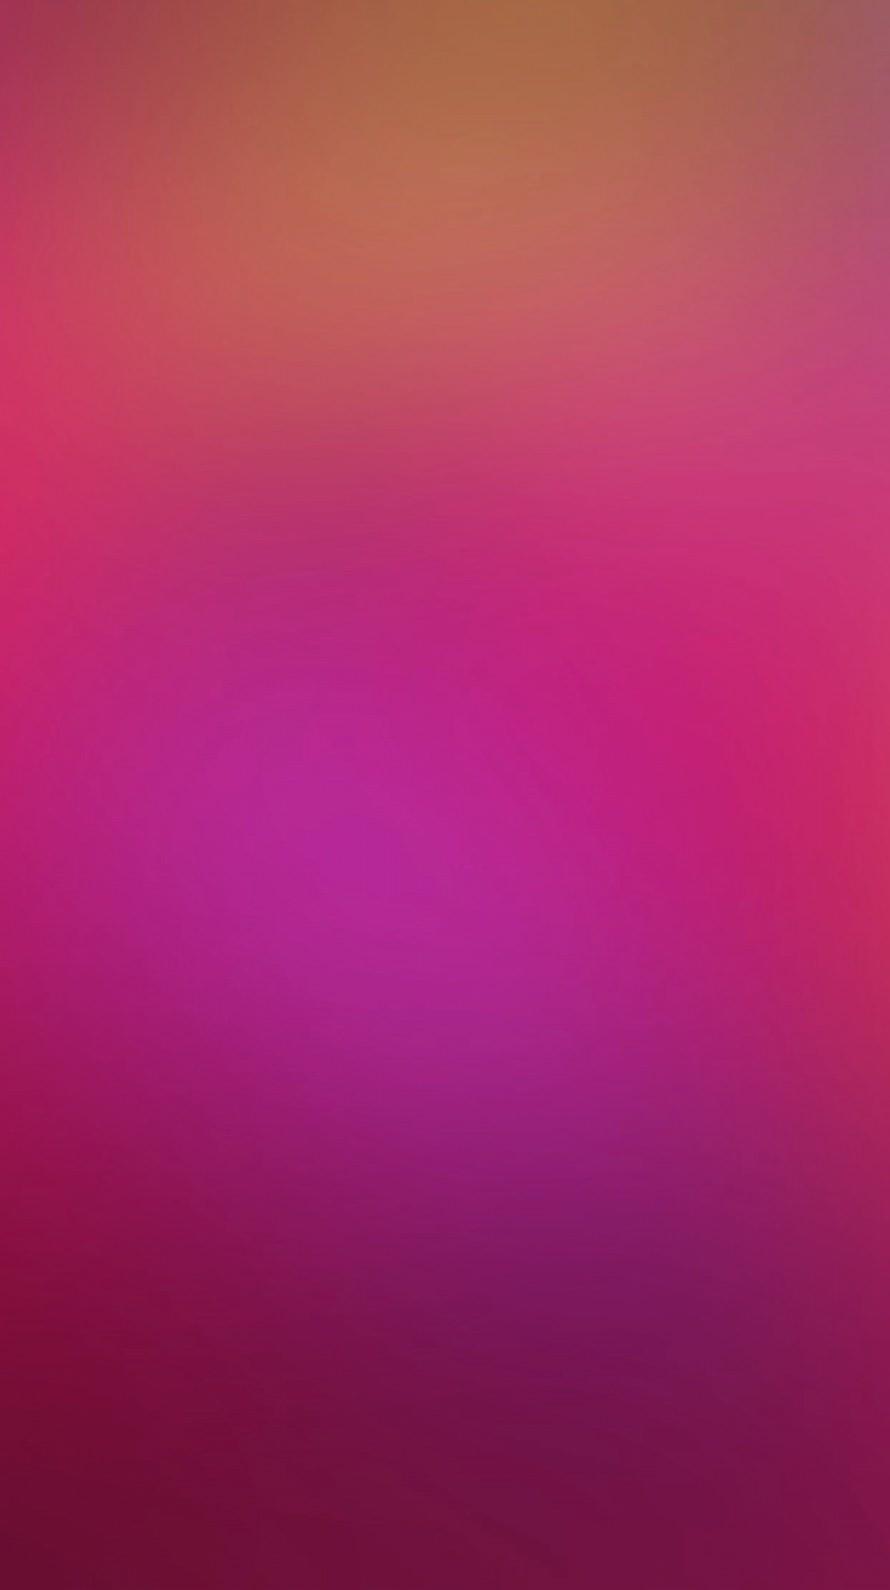 ビビッド・ピンク iPhone6壁紙